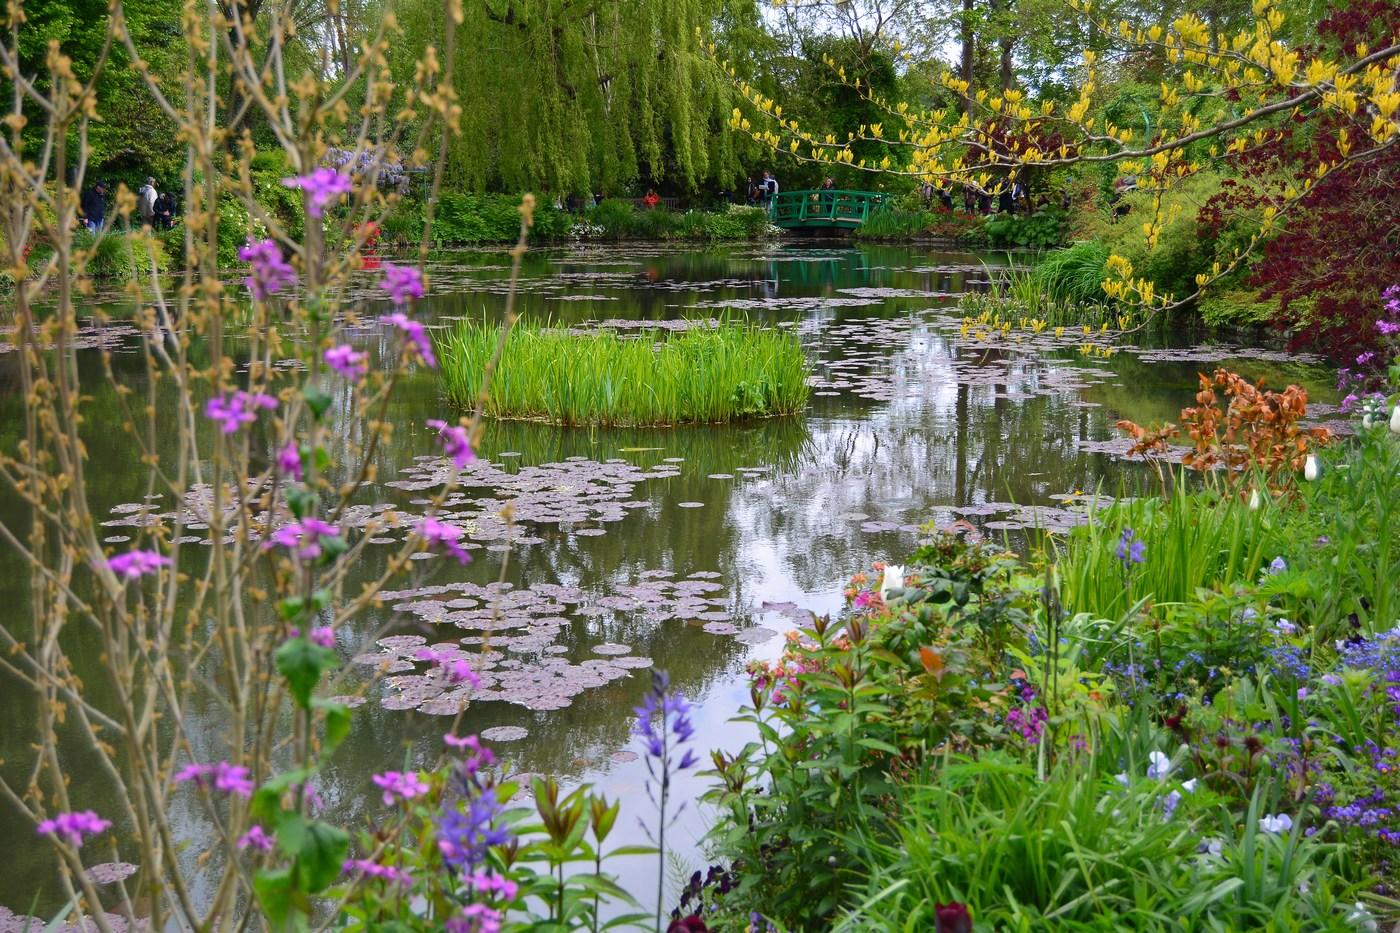 Arbres, plantes, pont japonais... et bien entendu l'eau, voilà le cocktail qui occupera Monet durant de nombreuses années. A force de peindre les nymphéas en captant les moindres variations de lumière et de couleurs, le peintre réussira à pousser sa peinture aux limites de l'art abstrait.